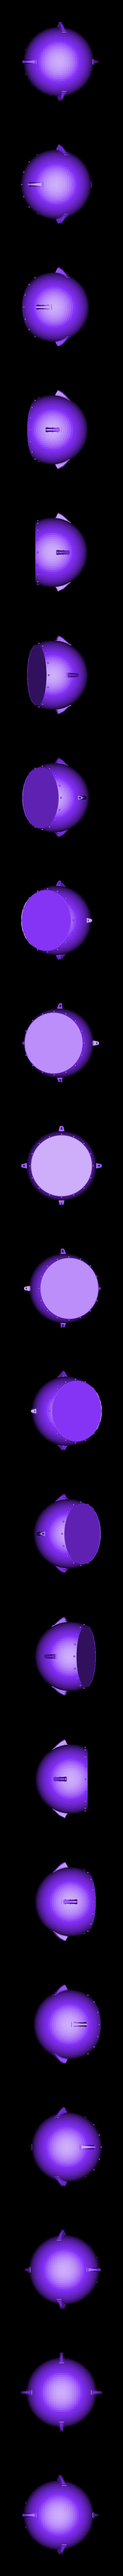 Sputnik1_Body1.stl Télécharger fichier STL gratuit Sputnik1 / Спутник-1 • Modèle imprimable en 3D, tone001